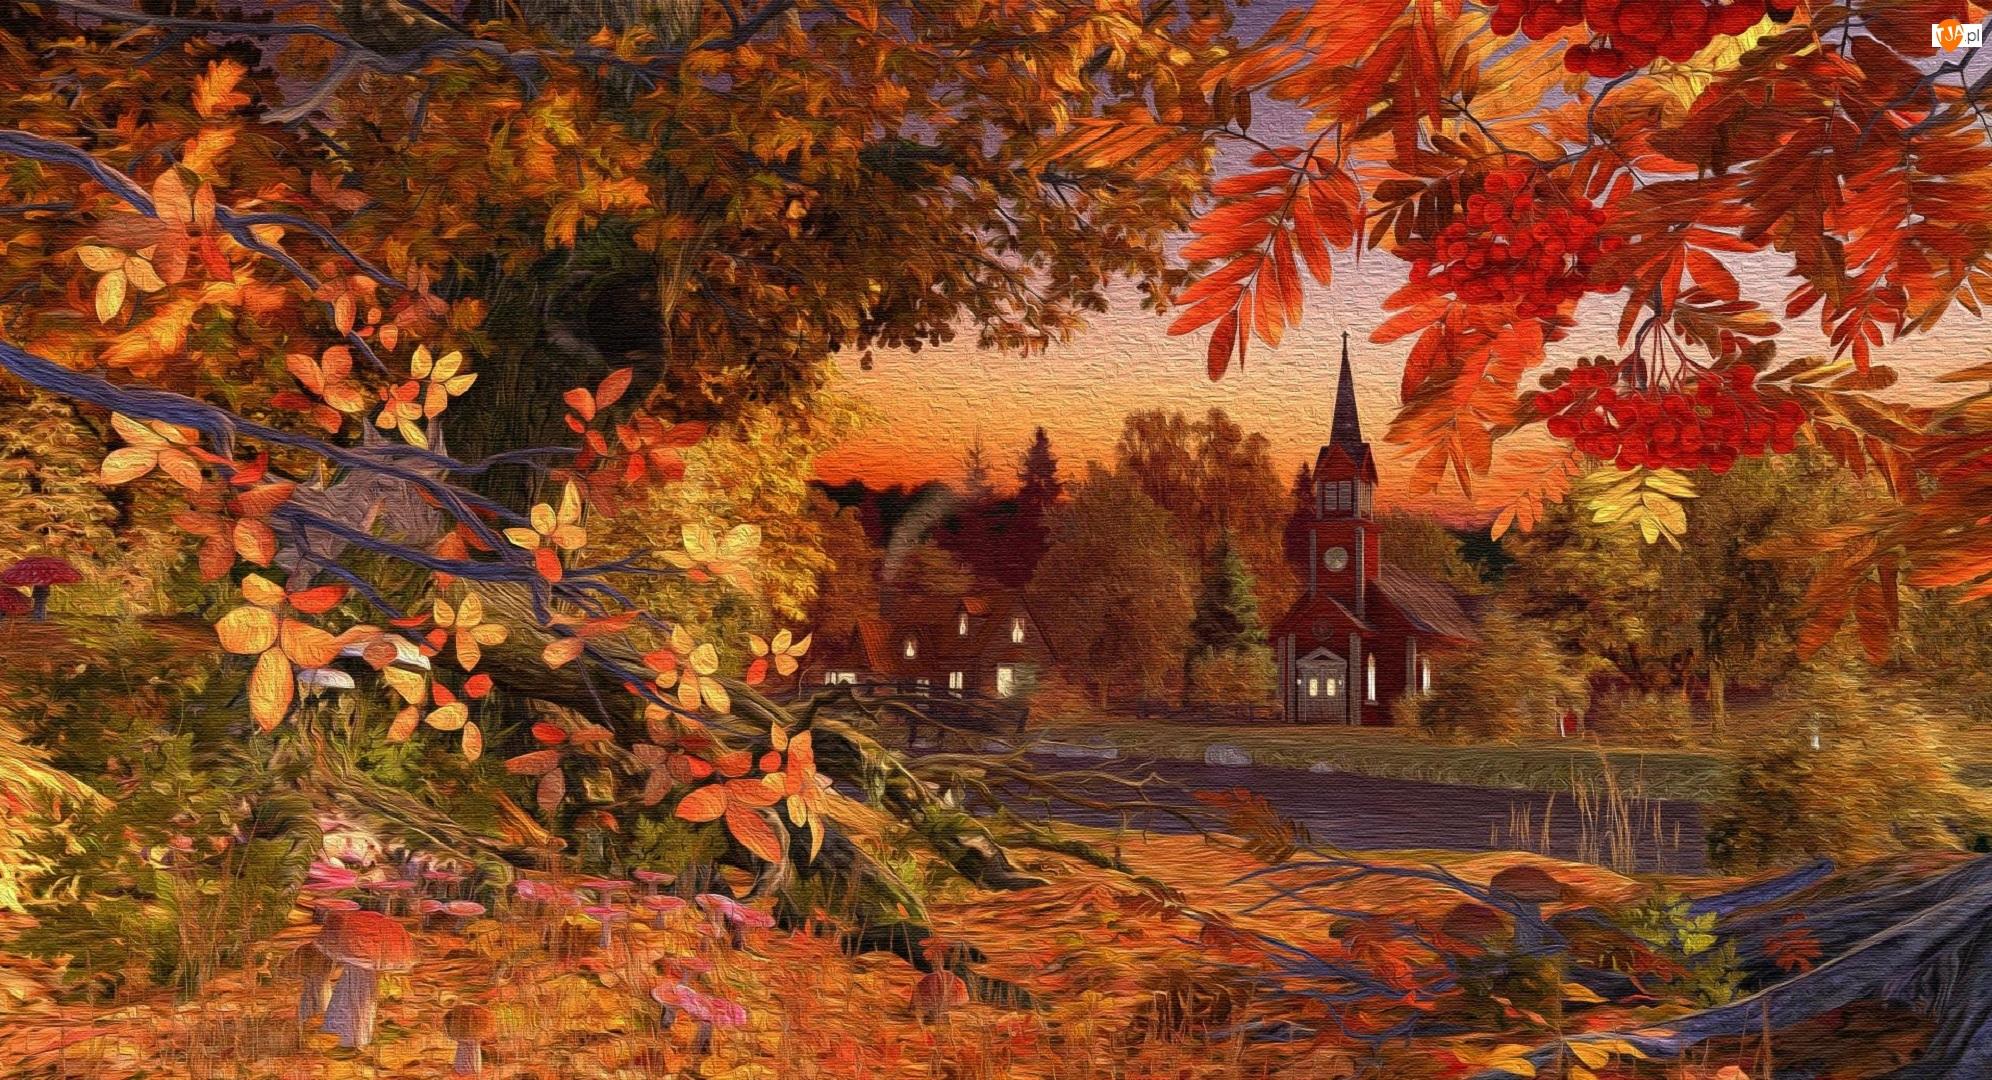 Drzewa, Jesień, Rzeka, Grafika, Liście, Kościół